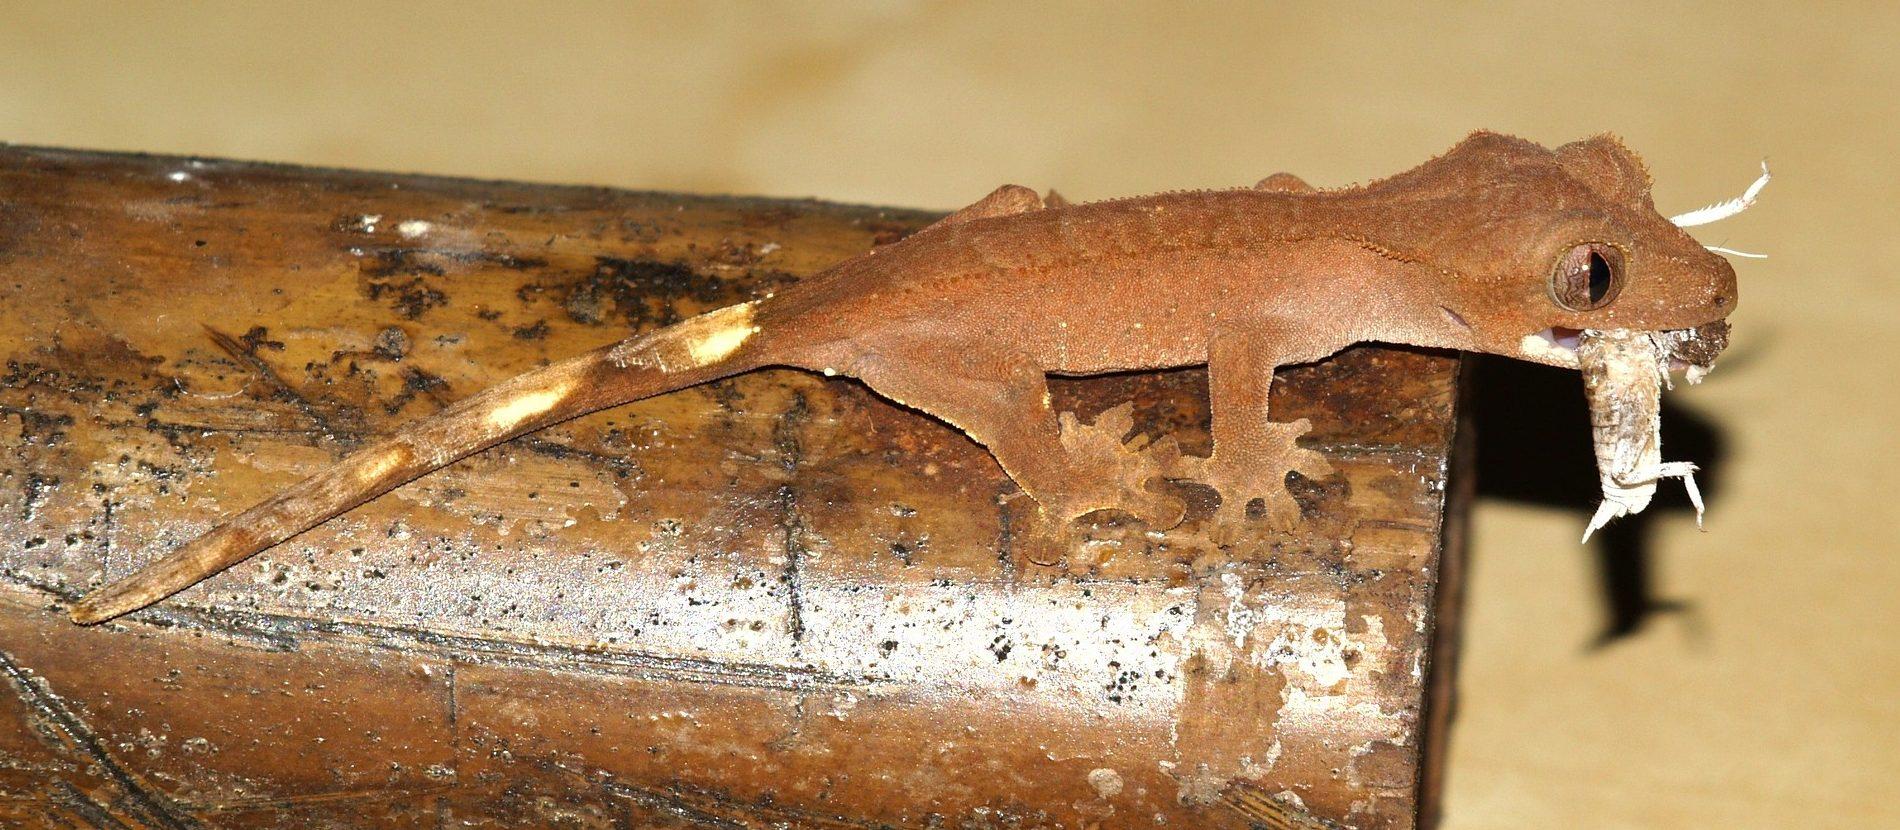 Das Kronengecko Futter besteht größtenteils aus lebender Beute